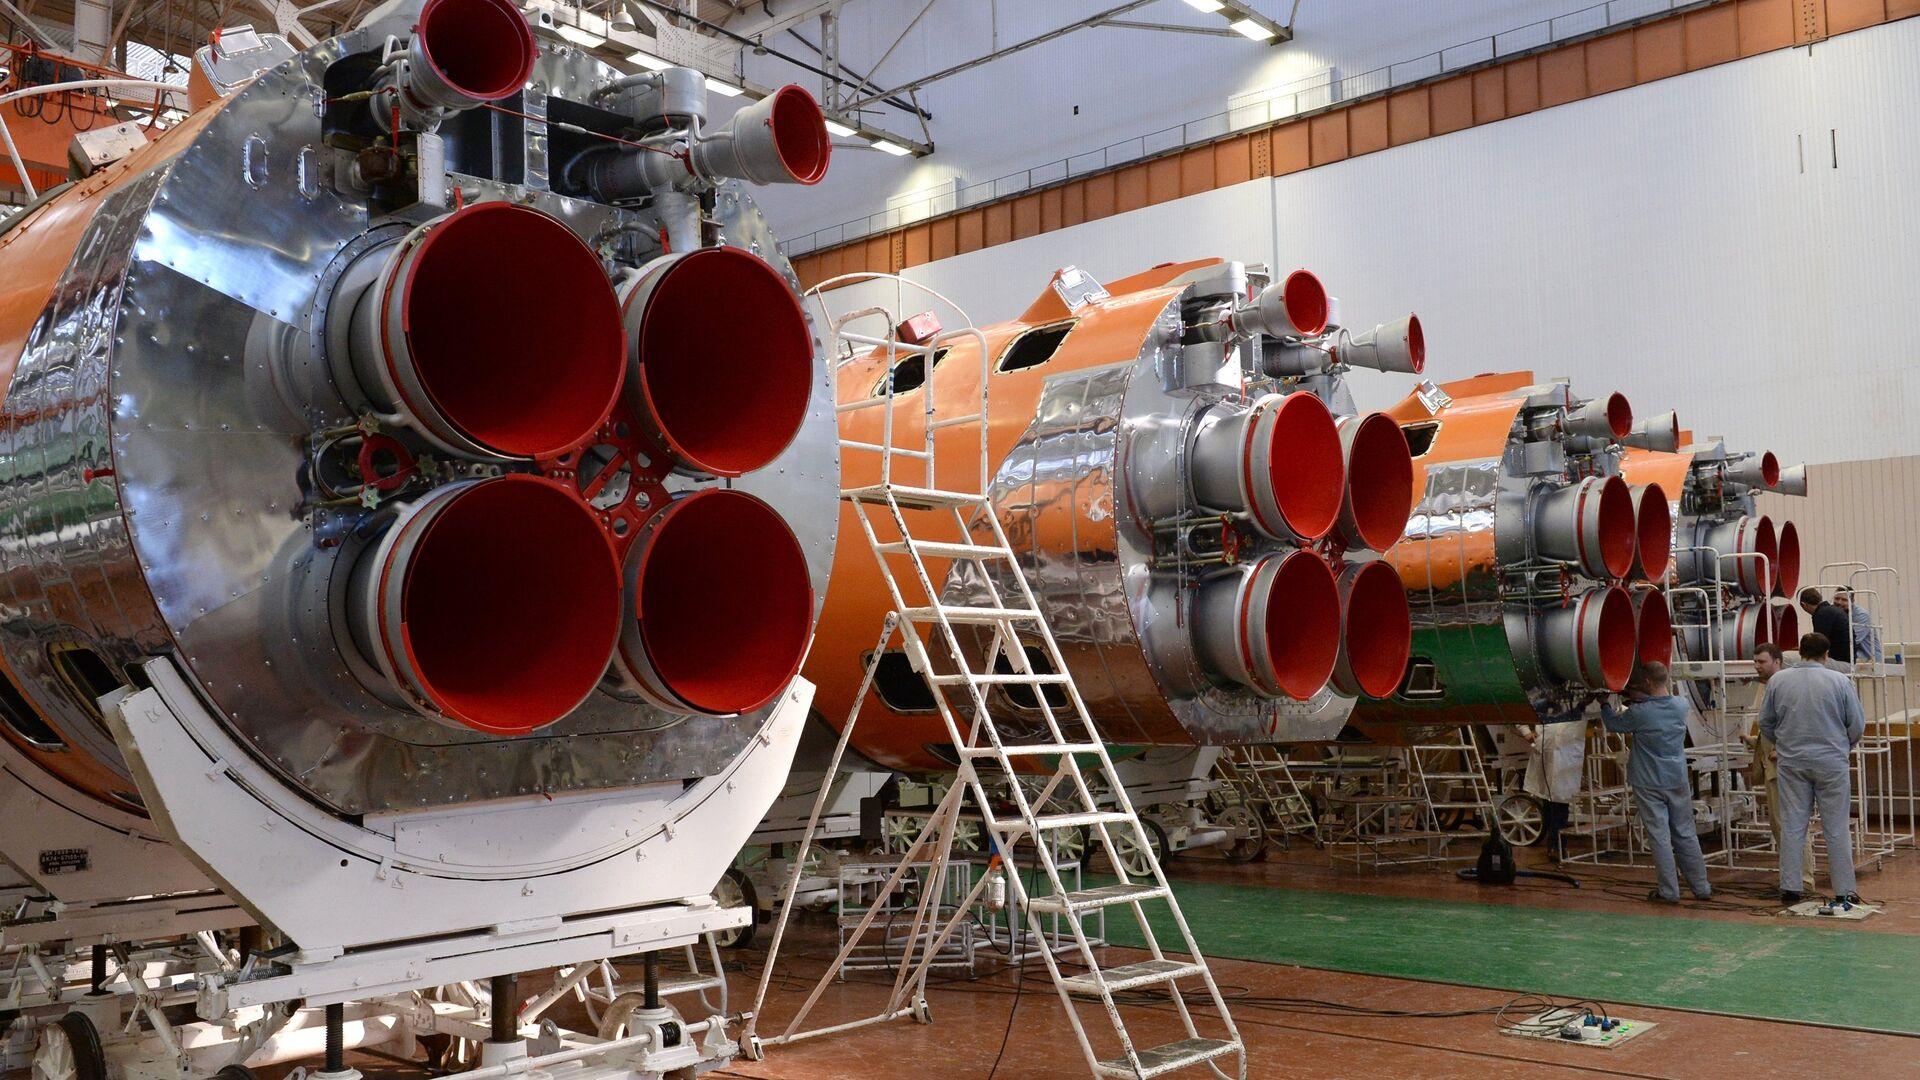 Сборка ракет-носителей в одном из цехов РКЦ Прогресс в Самаре - РИА Новости, 1920, 19.10.2020